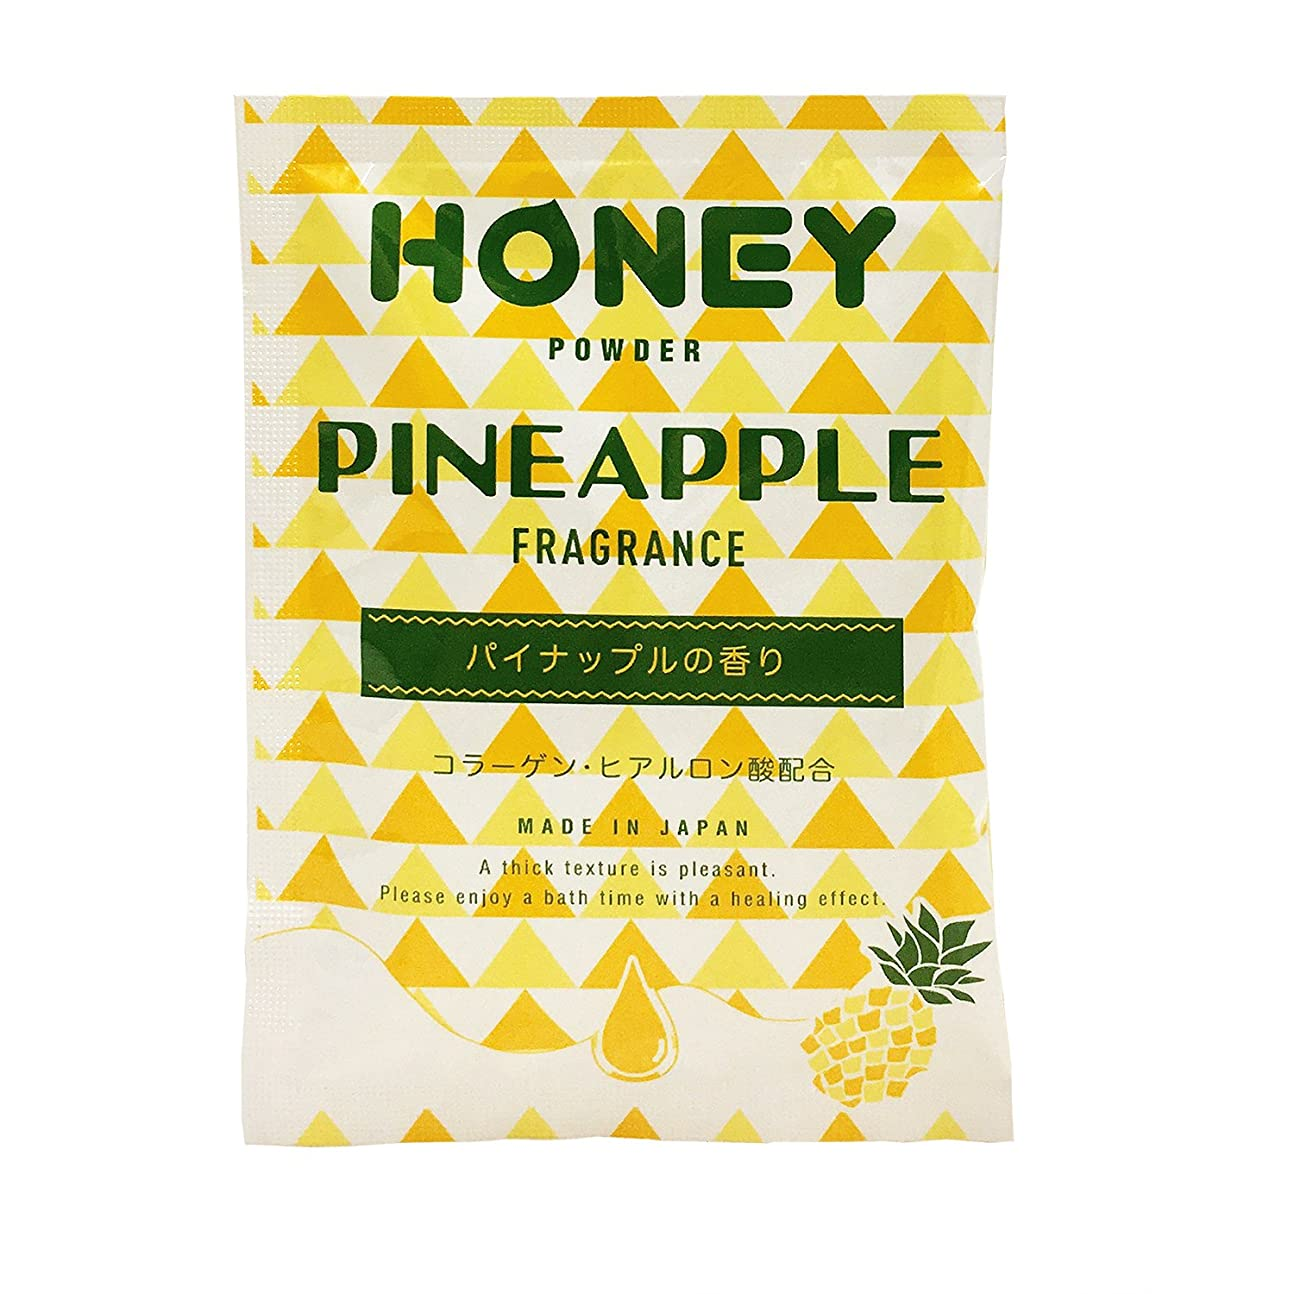 巡礼者大人物理的なとろとろ入浴剤【honey powder】(ハニーパウダー) 2個セット パイナップルの香り 粉末タイプ ローション